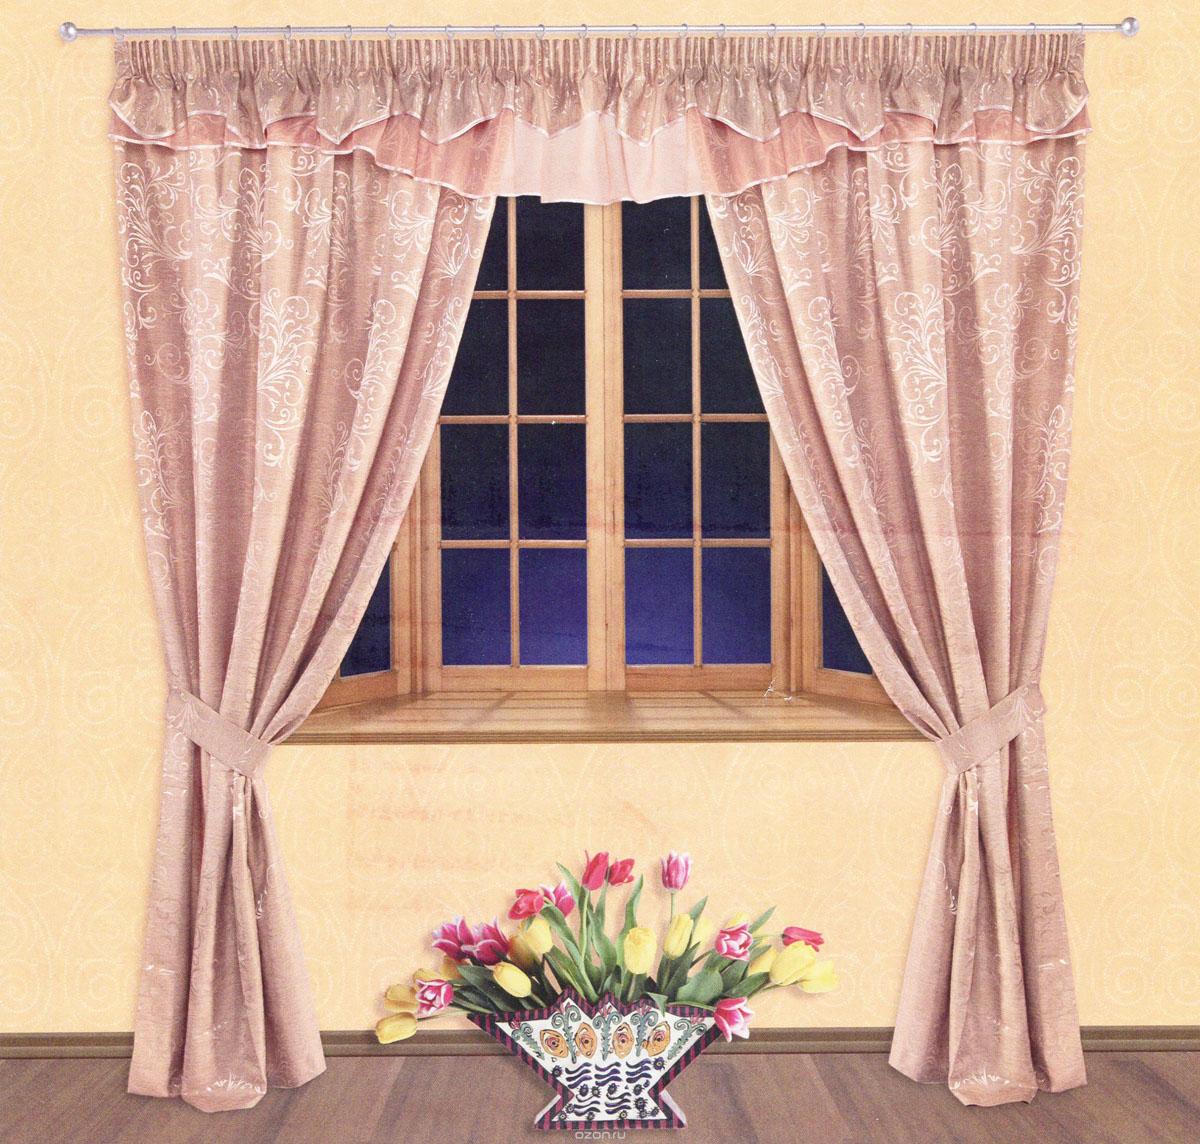 Комплект штор Zlata Korunka, на ленте, цвет: бледно-розовый, высота 250 см. 5552655526Роскошный комплект штор Zlata Korunka, выполненный из сатина, жаккарда и вуали (100% полиэстера), великолепно украсит любое окно. Комплект состоит из двух портьер, ламбрекена и двух подхватов. Сочетание плотной и полупрозрачной тонкой ткани, оригинальный орнамент и приятная, приглушенная гамма привлекут к себе внимание и органично впишутся в интерьер помещения. Комплект крепится на карниз при помощи шторной ленты, которая поможет красиво и равномерно задрапировать верх. Портьеры можно зафиксировать в одном положении с помощью двух подхватов. Этот комплект будет долгое время радовать вас и вашу семью! В комплект входит: Портьера: 2 шт. Размер (ШхВ): 140 см х 250 см. Ламбрекен: 1 шт. Размер (ШхВ): 400 см х 50 см. Подхват: 2 шт. Размер (ШхВ): 60 см х 10 см.